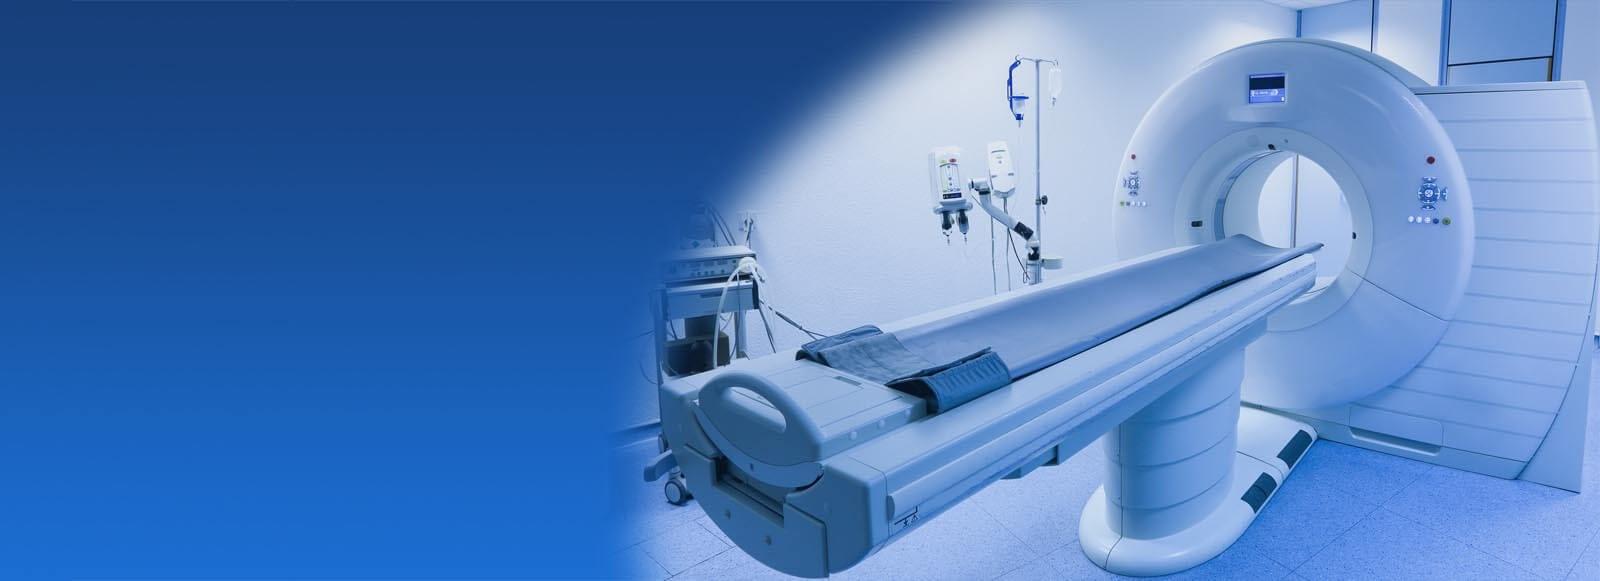 medical slide